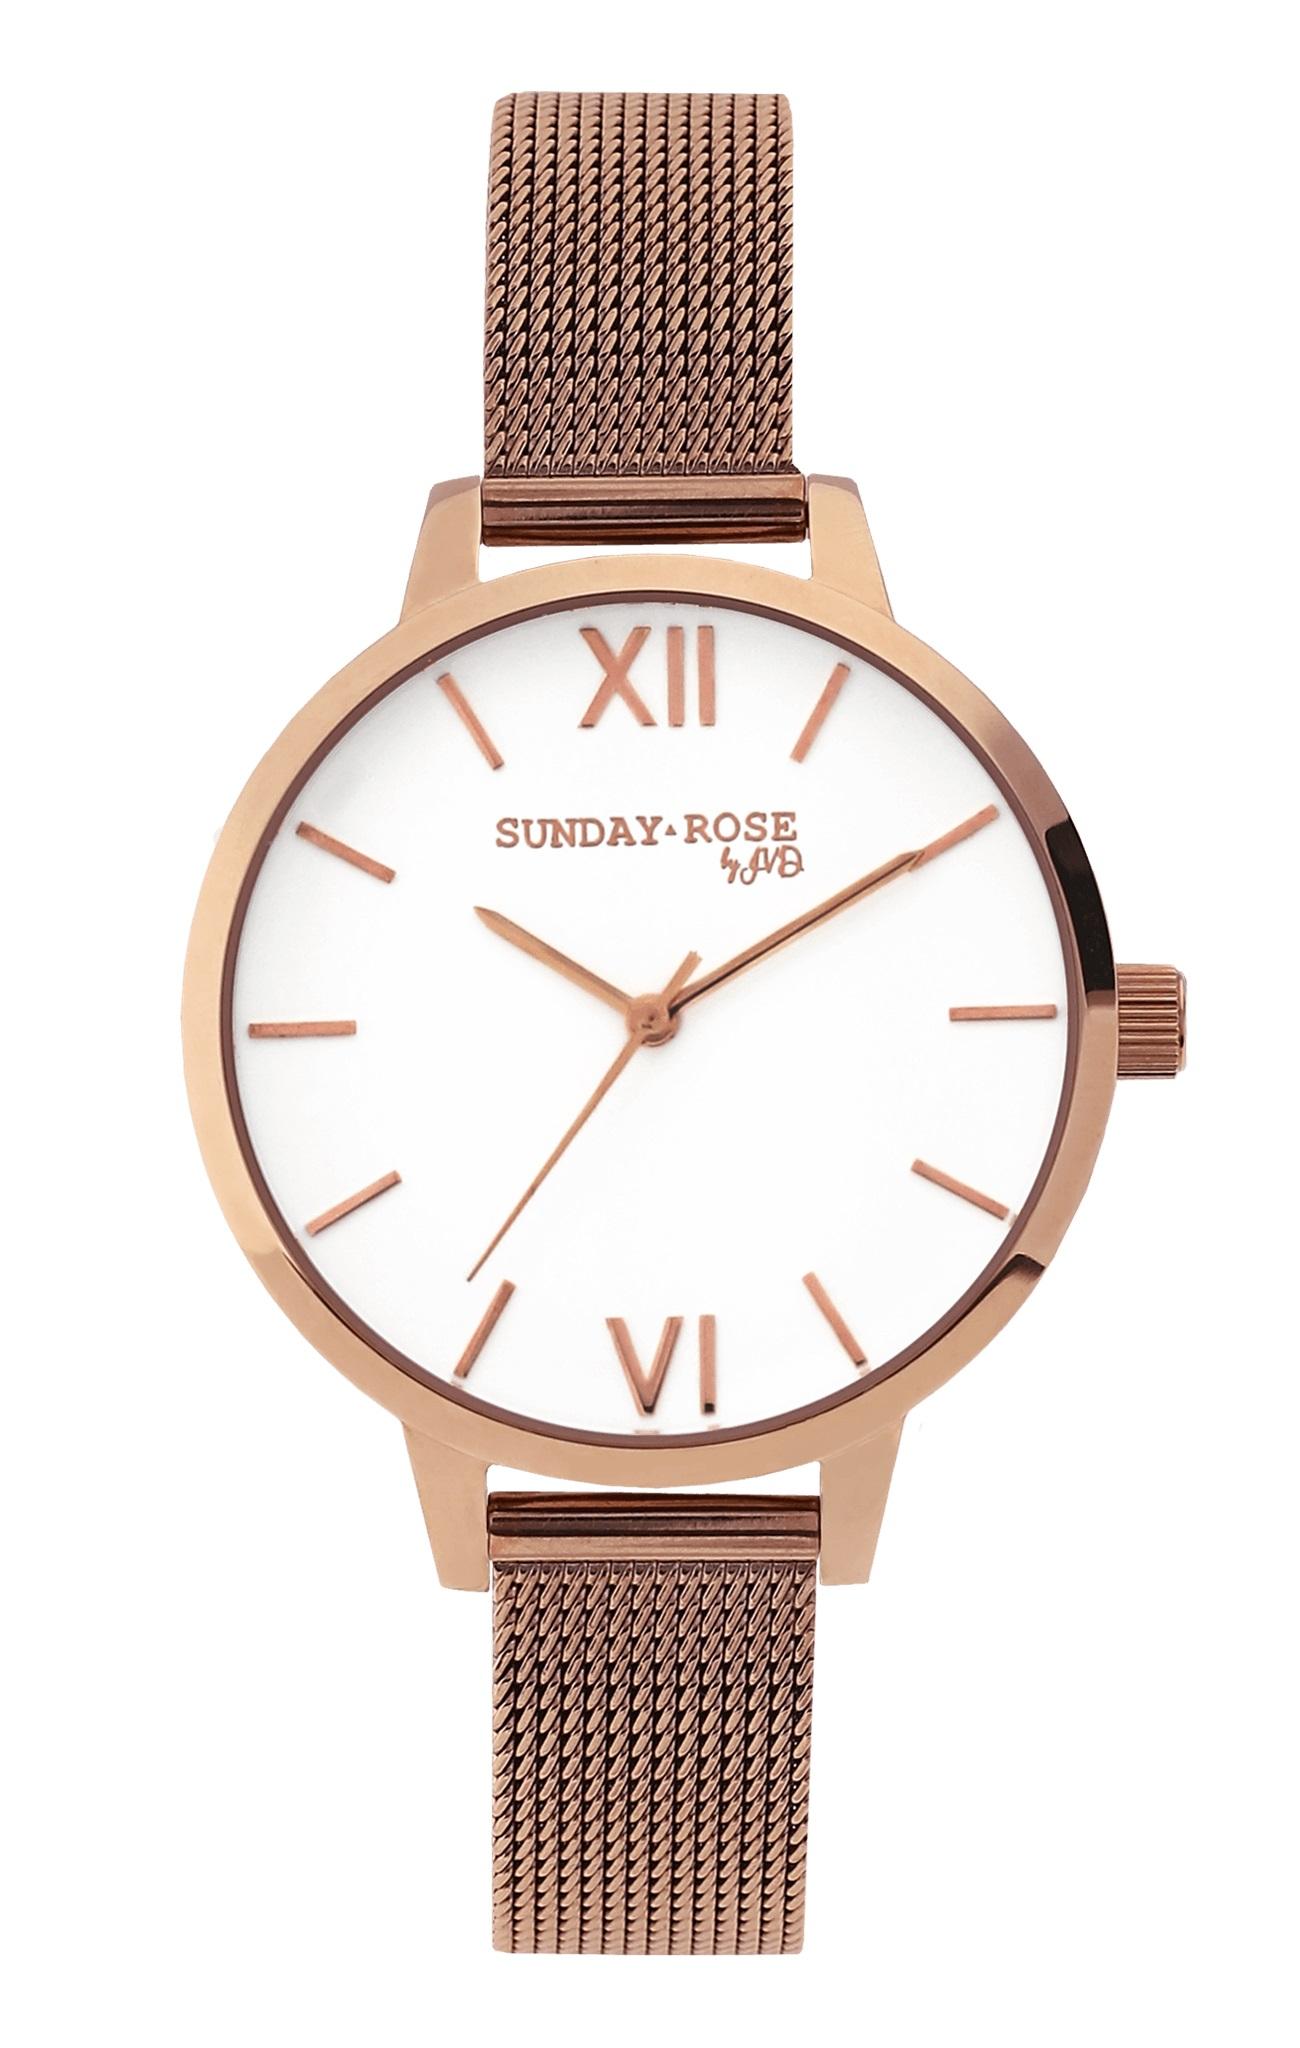 Dámské luxusní designové hodinky SUNDAY ROSE Fashion PINK ELEGANCE ... f57bfed7b9